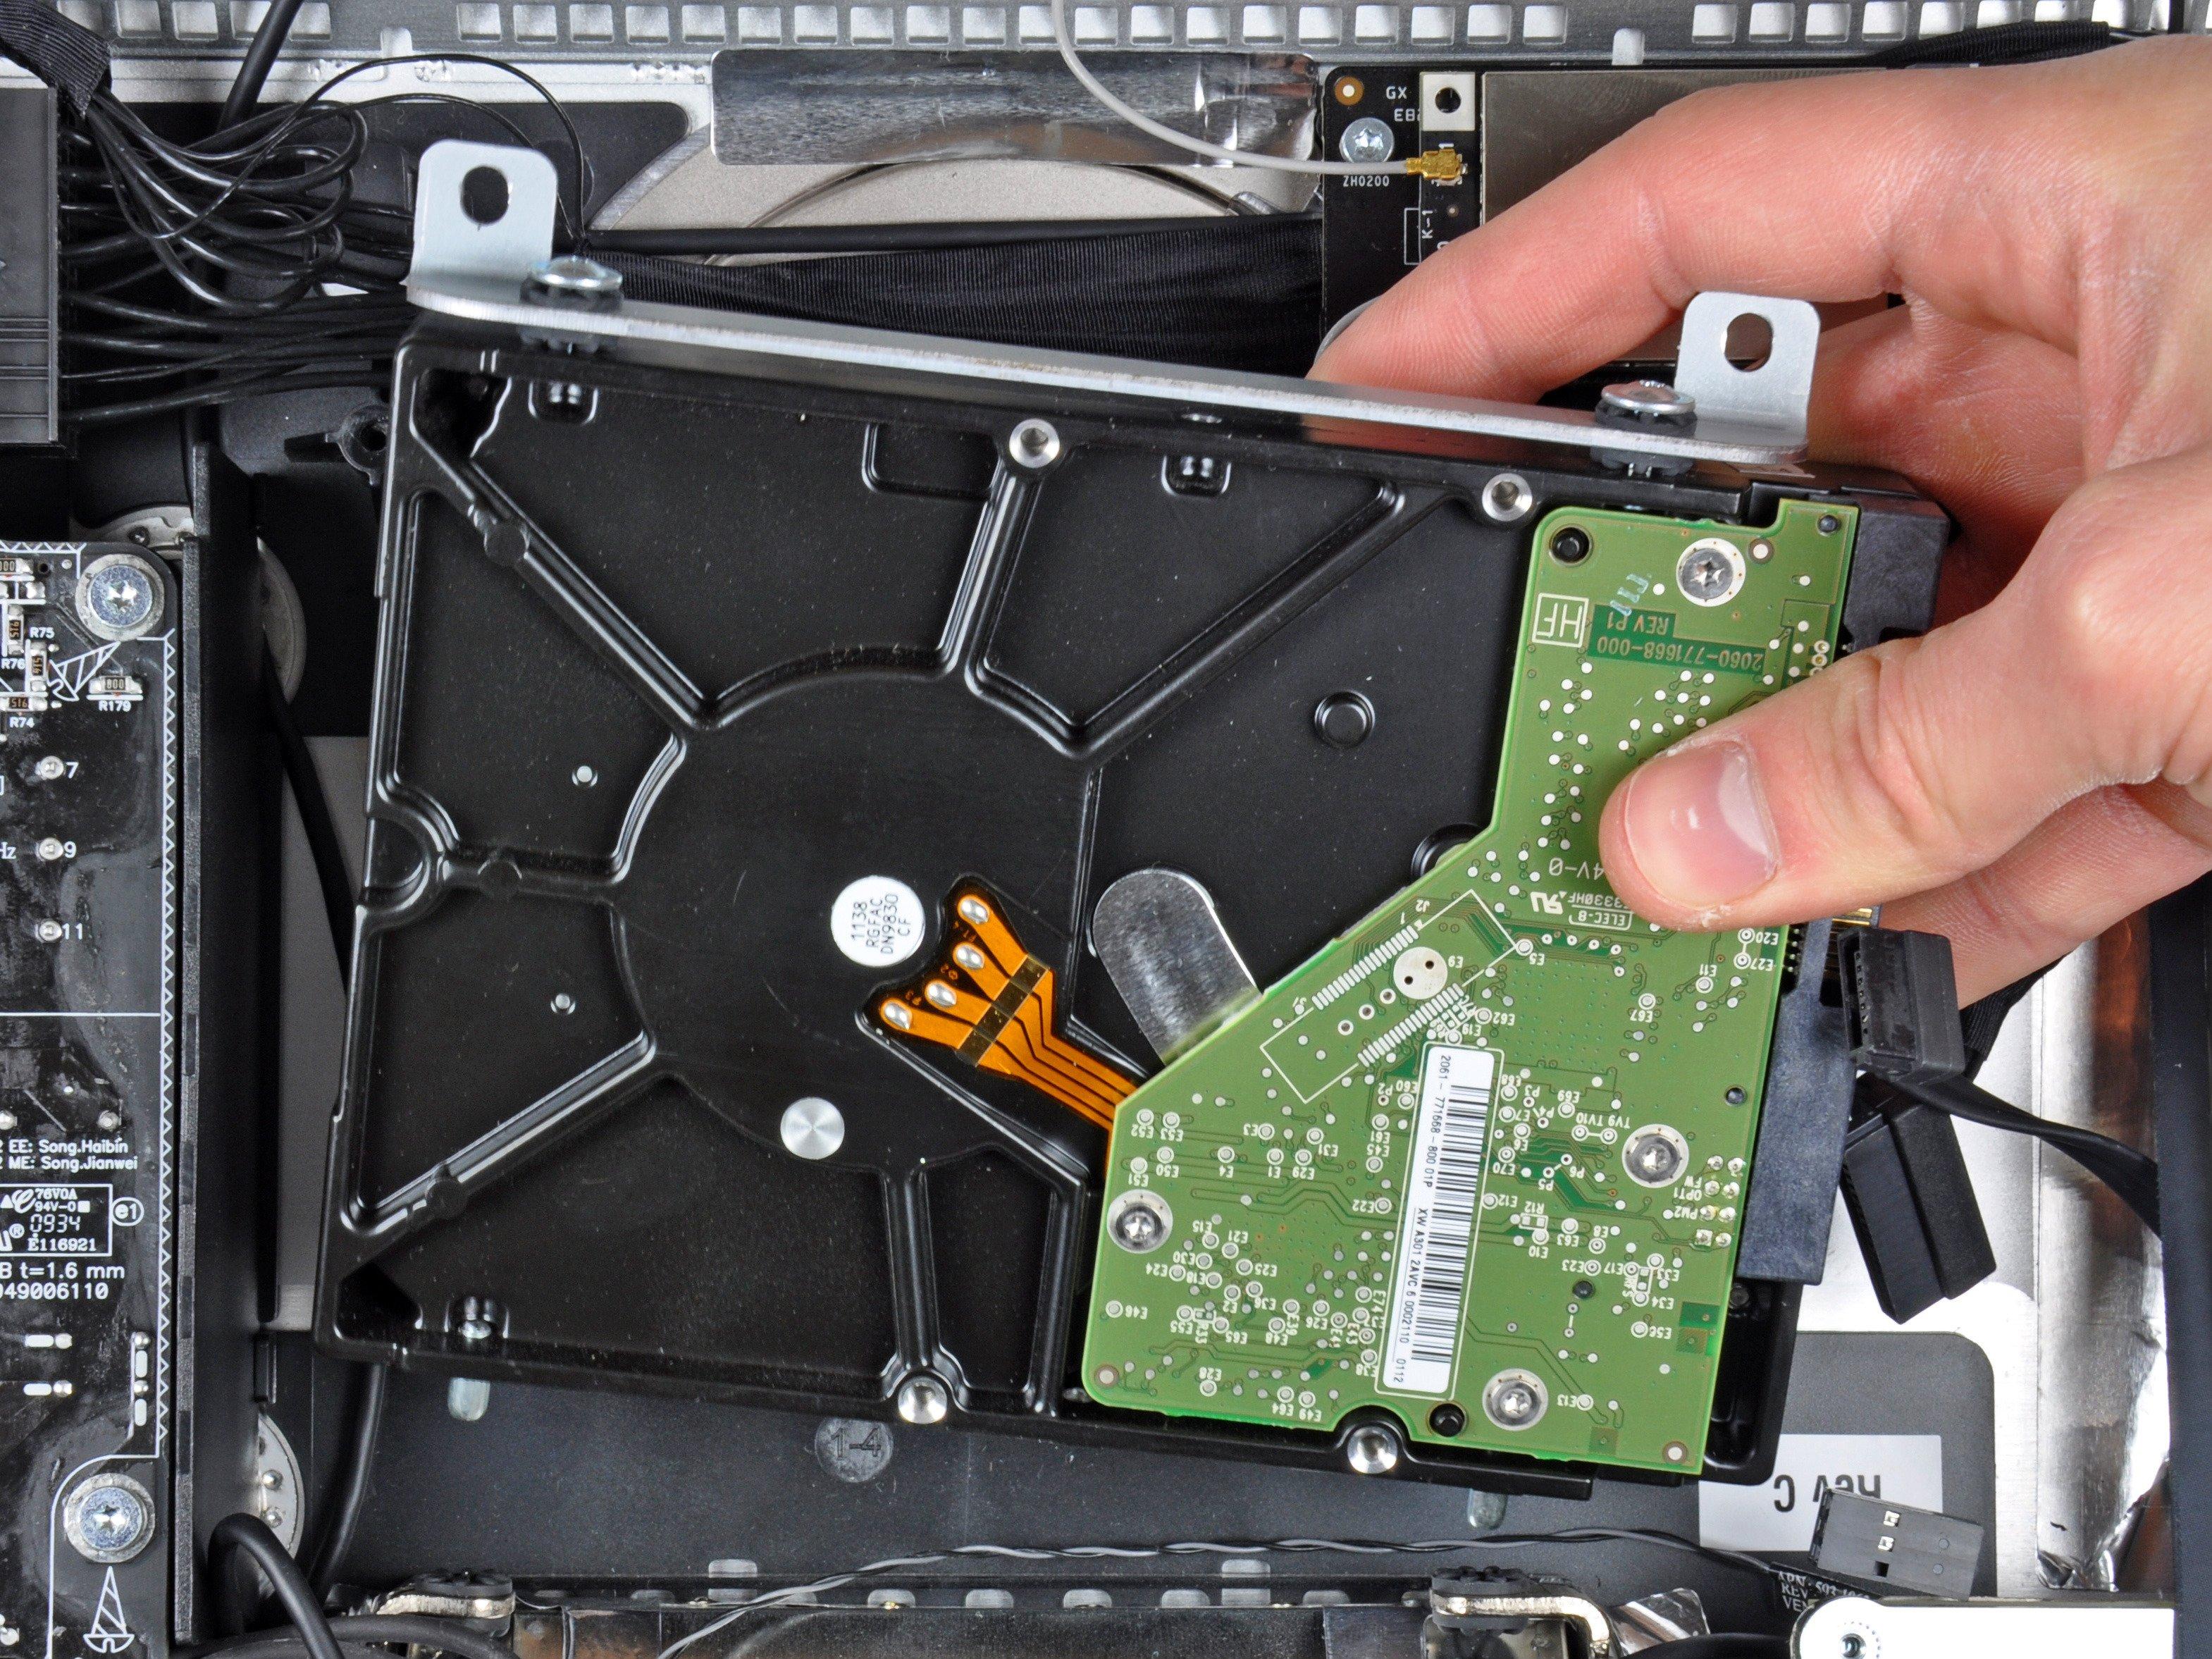 Imac Intel 27 Emc 2390 Hard Drive Replacement Ifixit